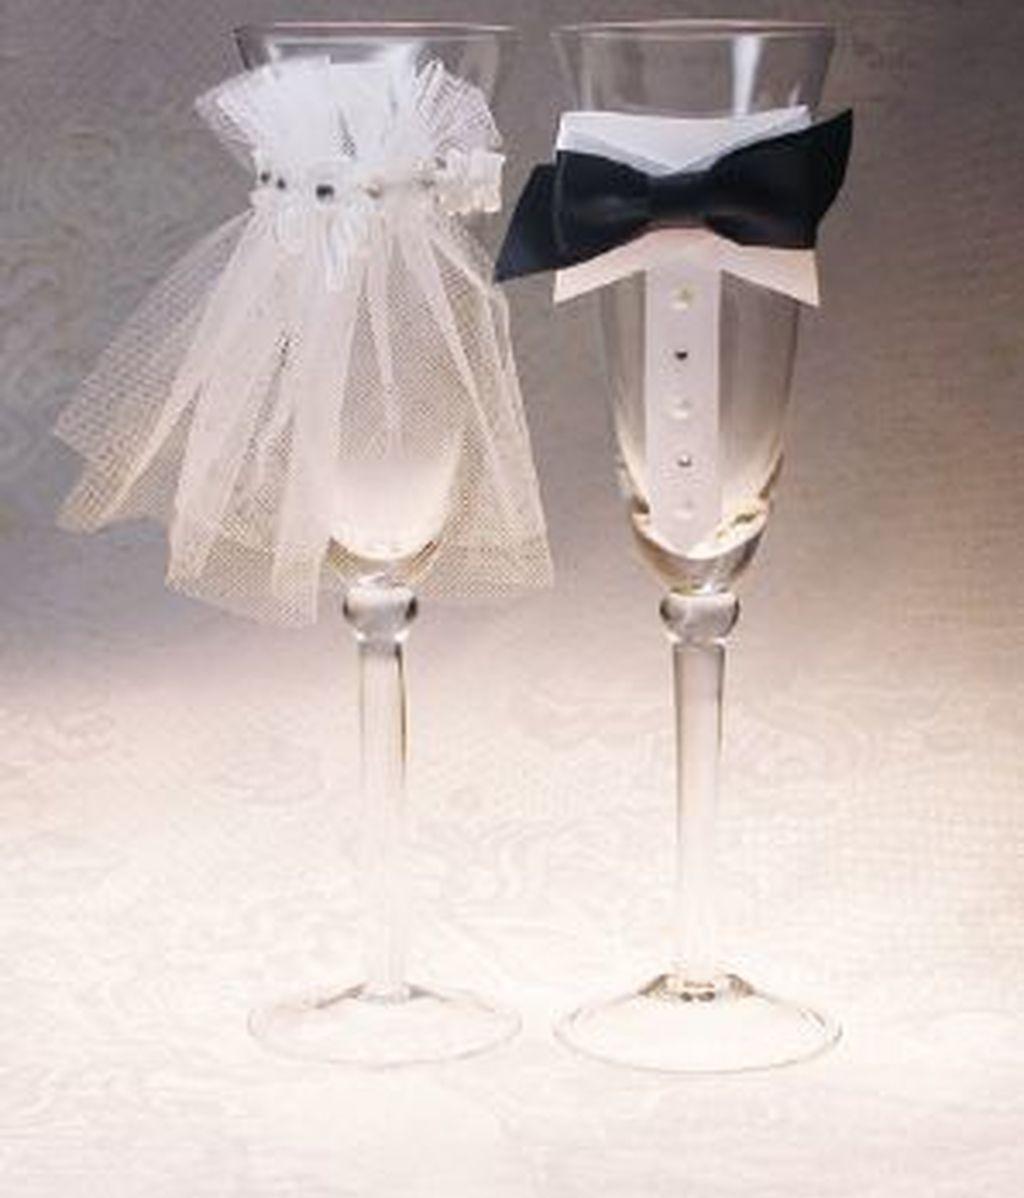 España es el país más generoso a la hora de hacer regalos de  bodas, con un gasto medio de 261 euros por regalo.